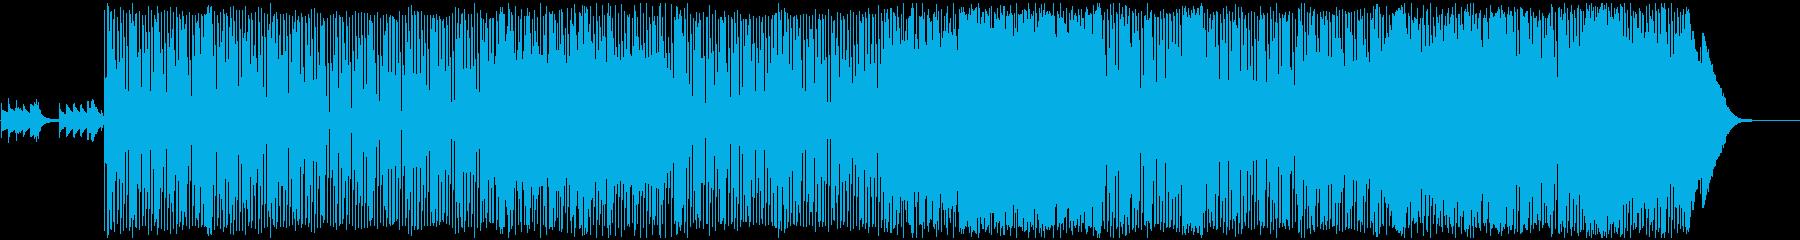 明るく軽快なギターポップの再生済みの波形